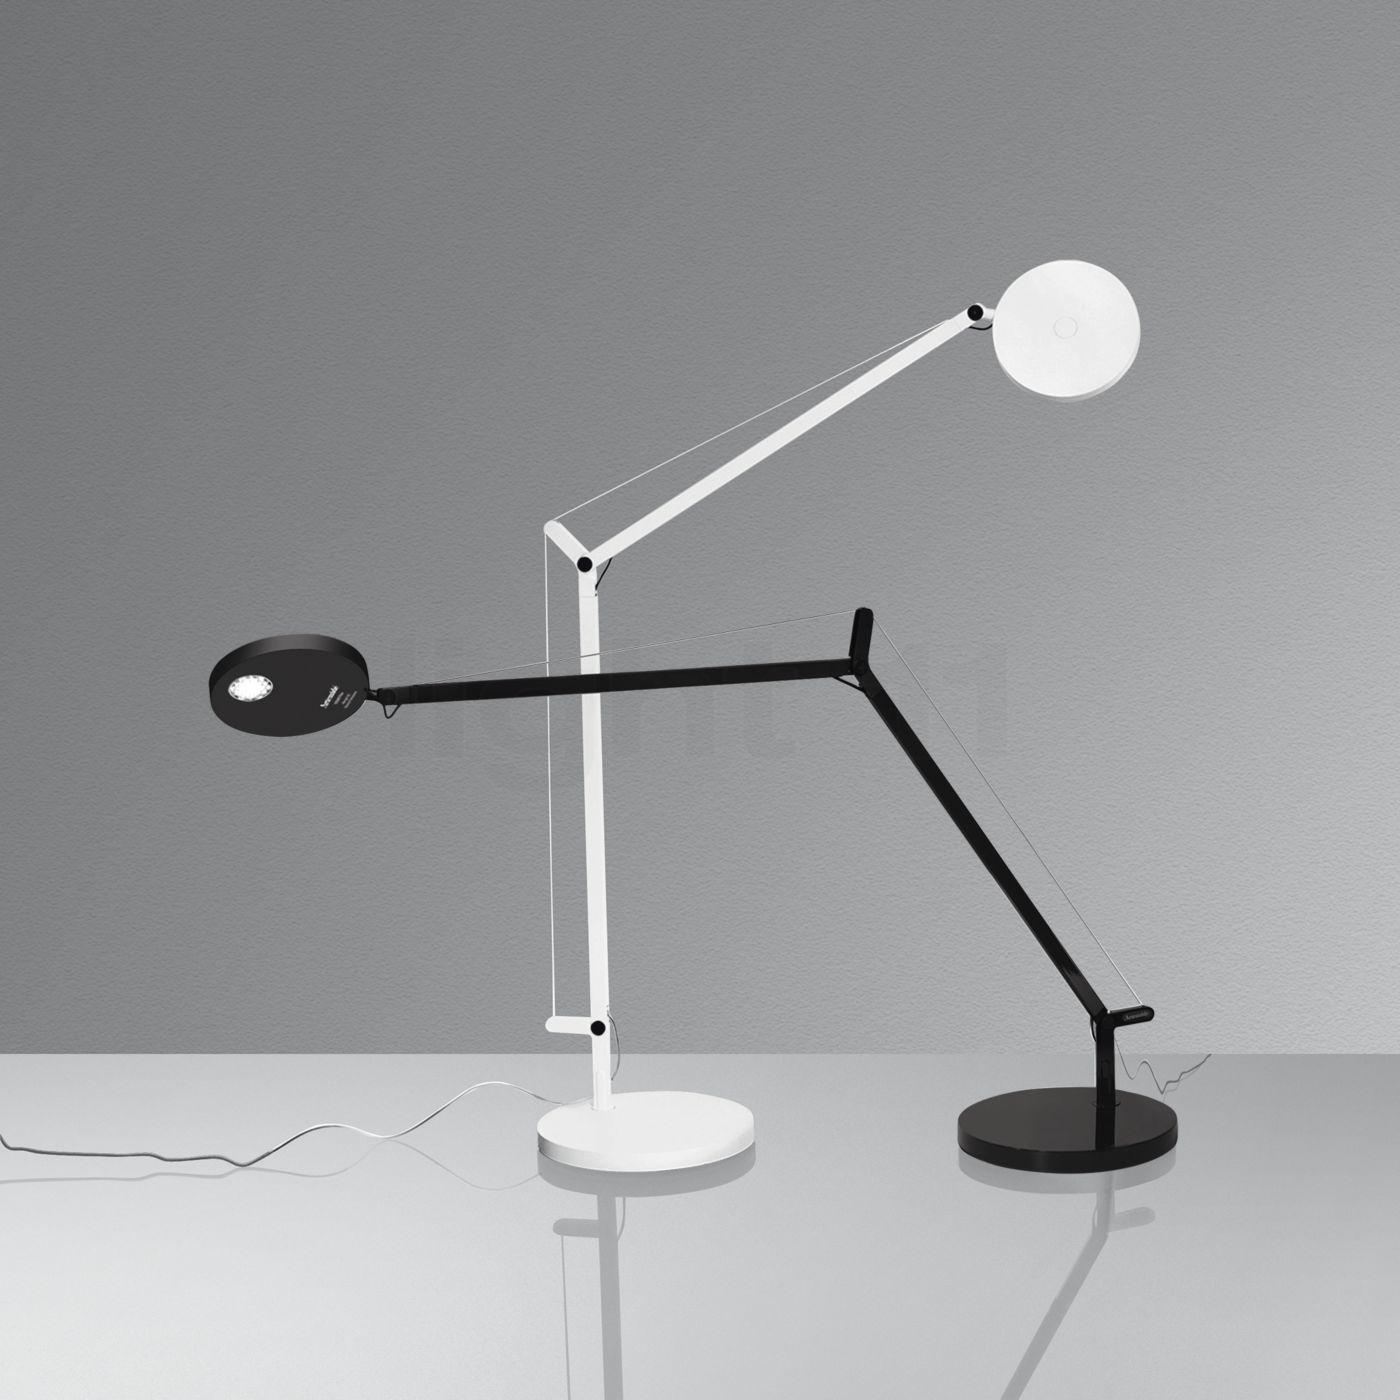 Demetra Sur Vente De Lampe En Table Artemide 345RqjAL